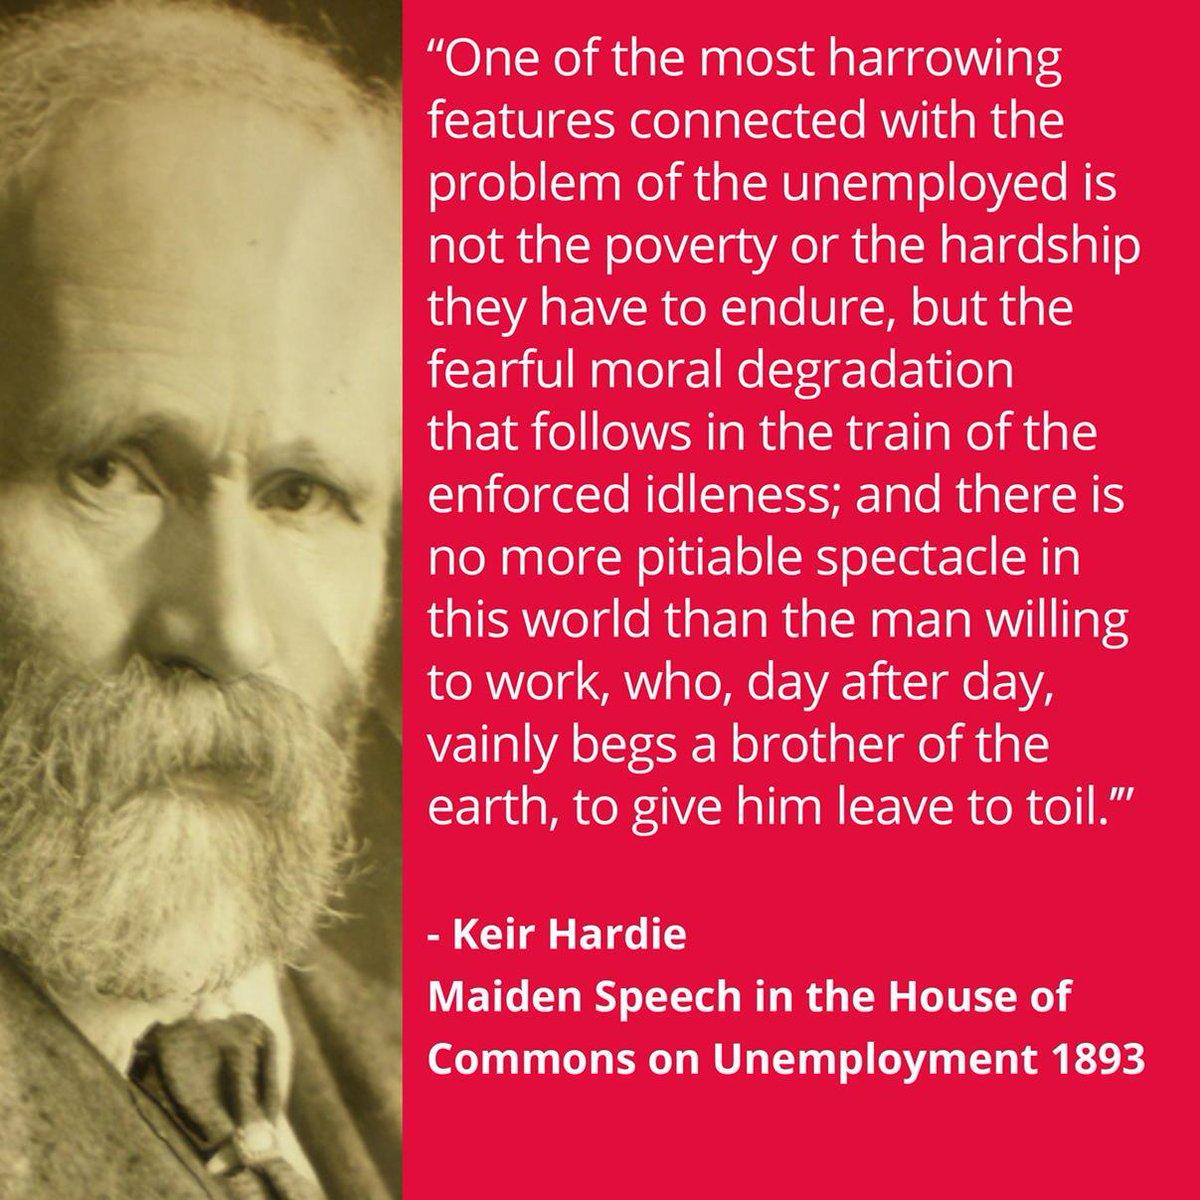 Keir Hardie maiden speech on unemployment #keirhardie100 http://t.co/d4OCywuqkD